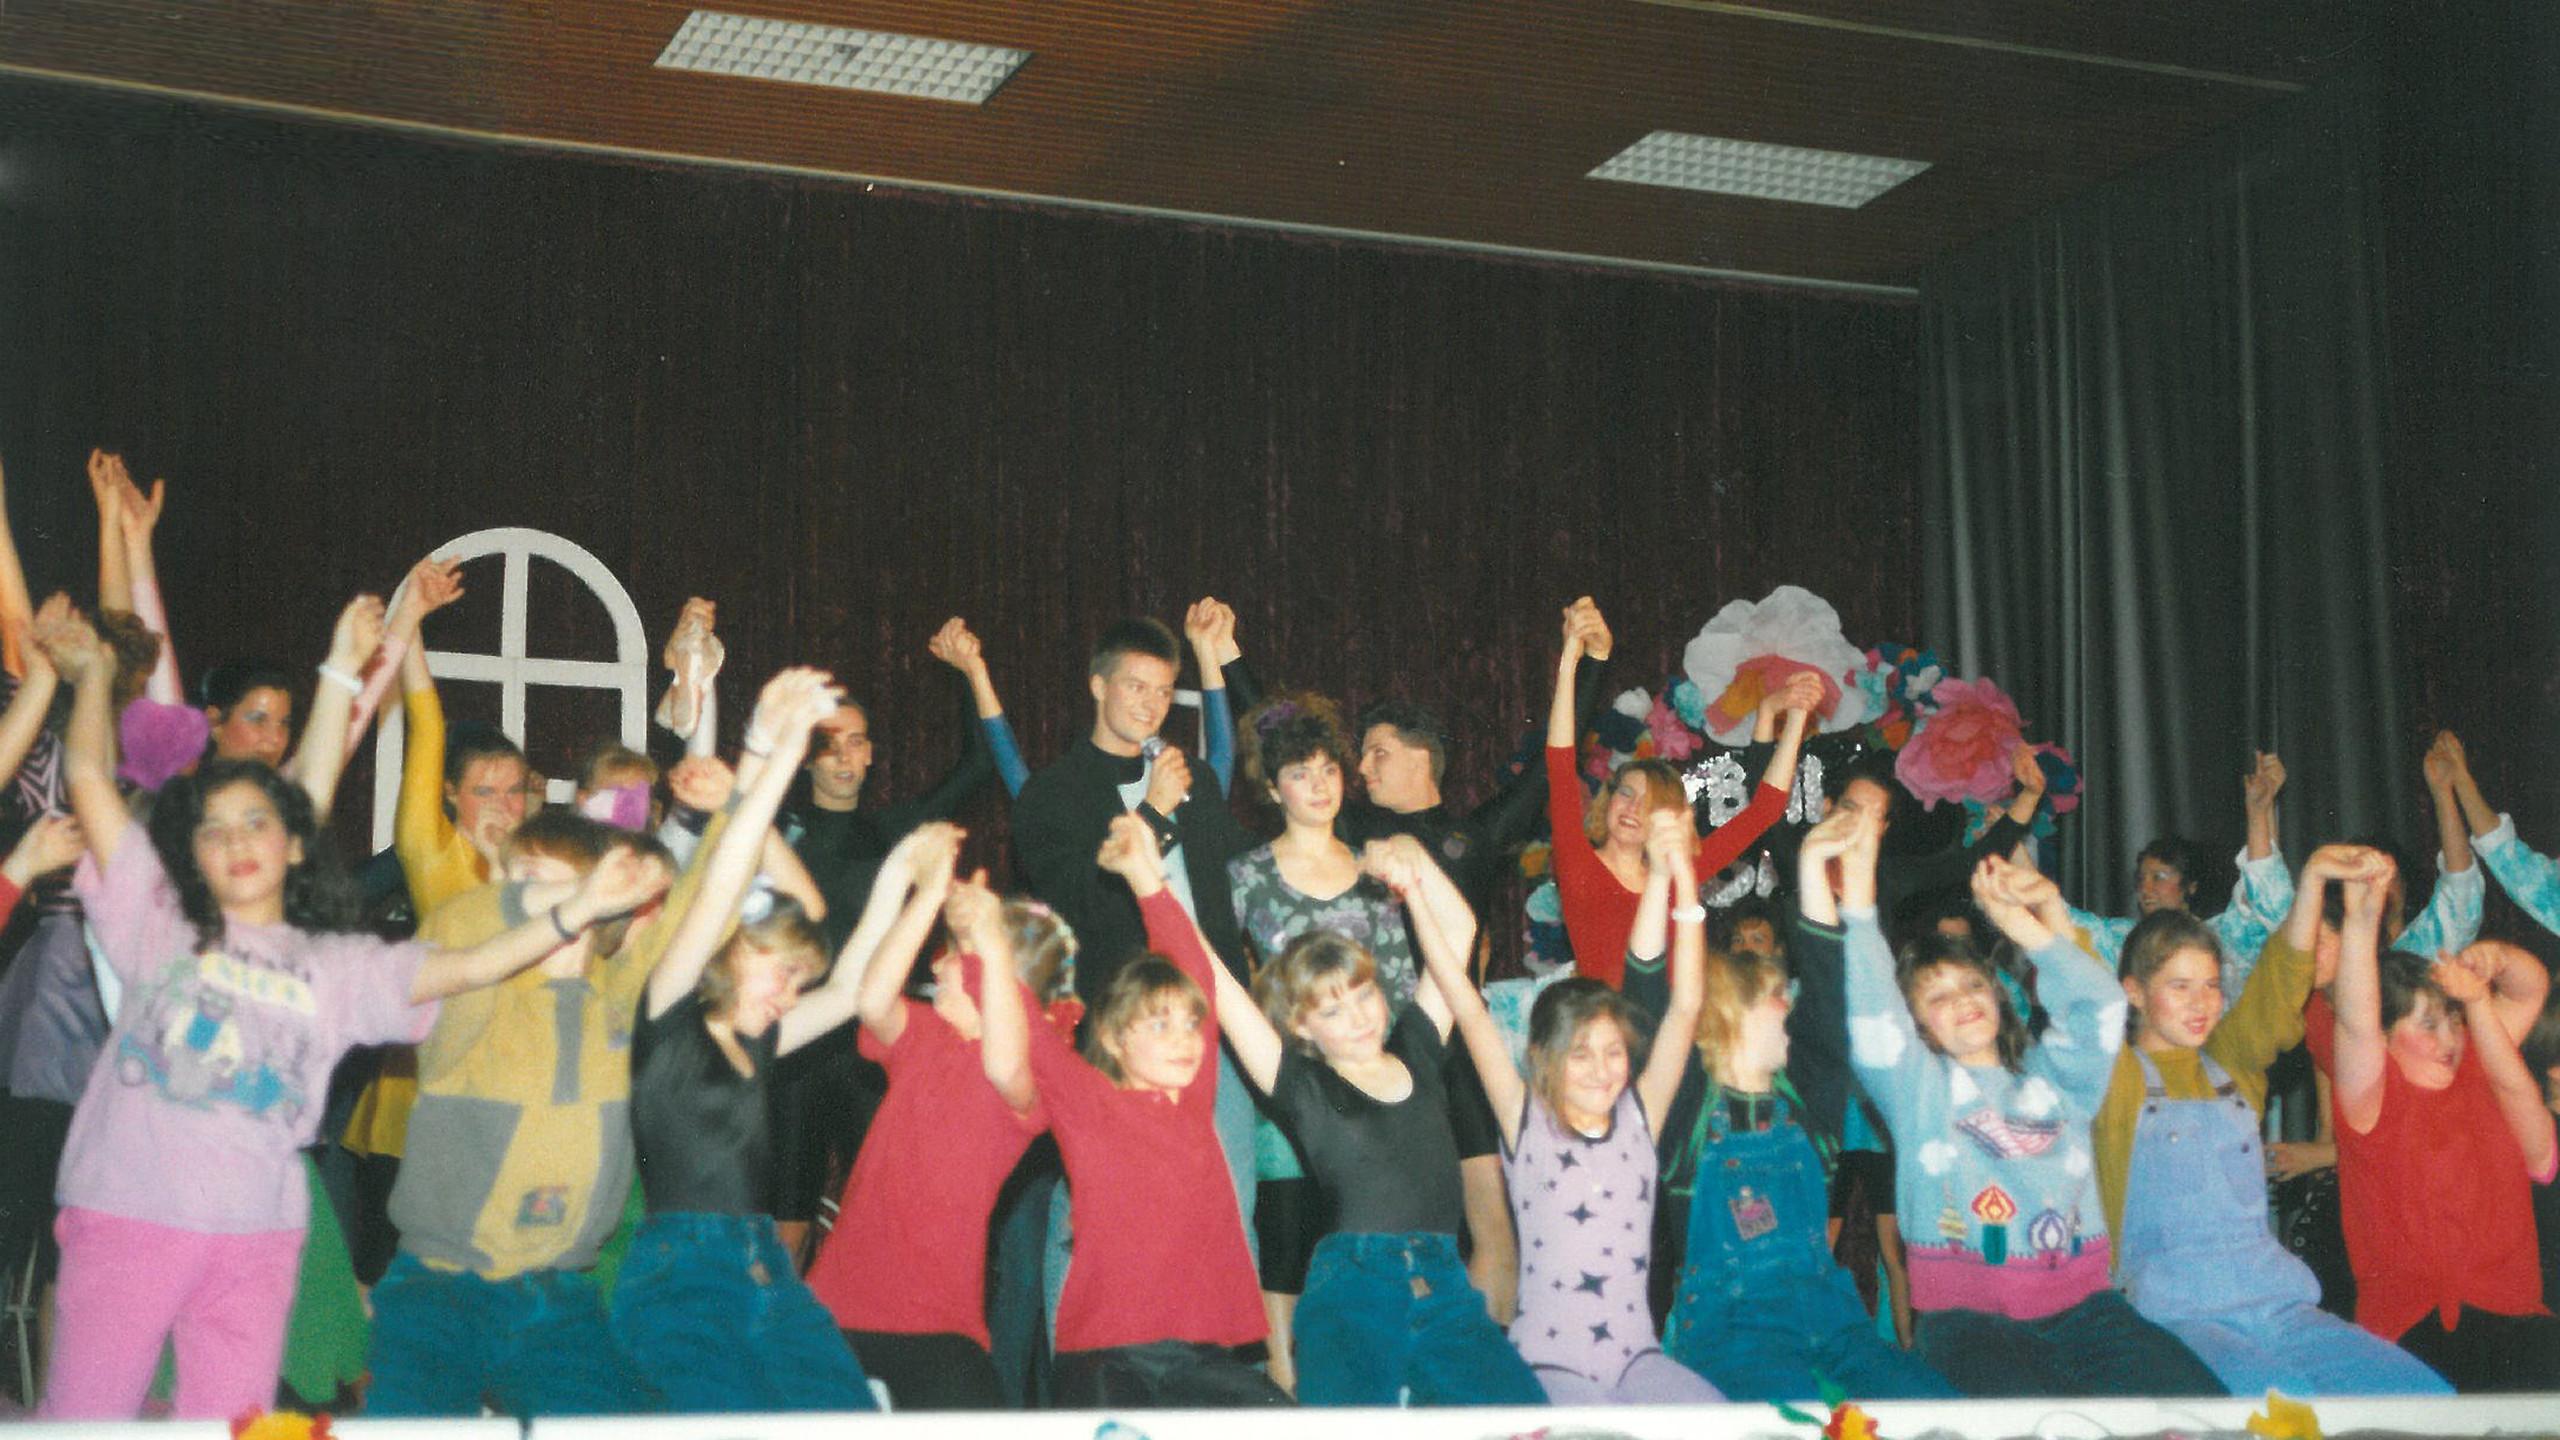 Die Tanz-Show 1990